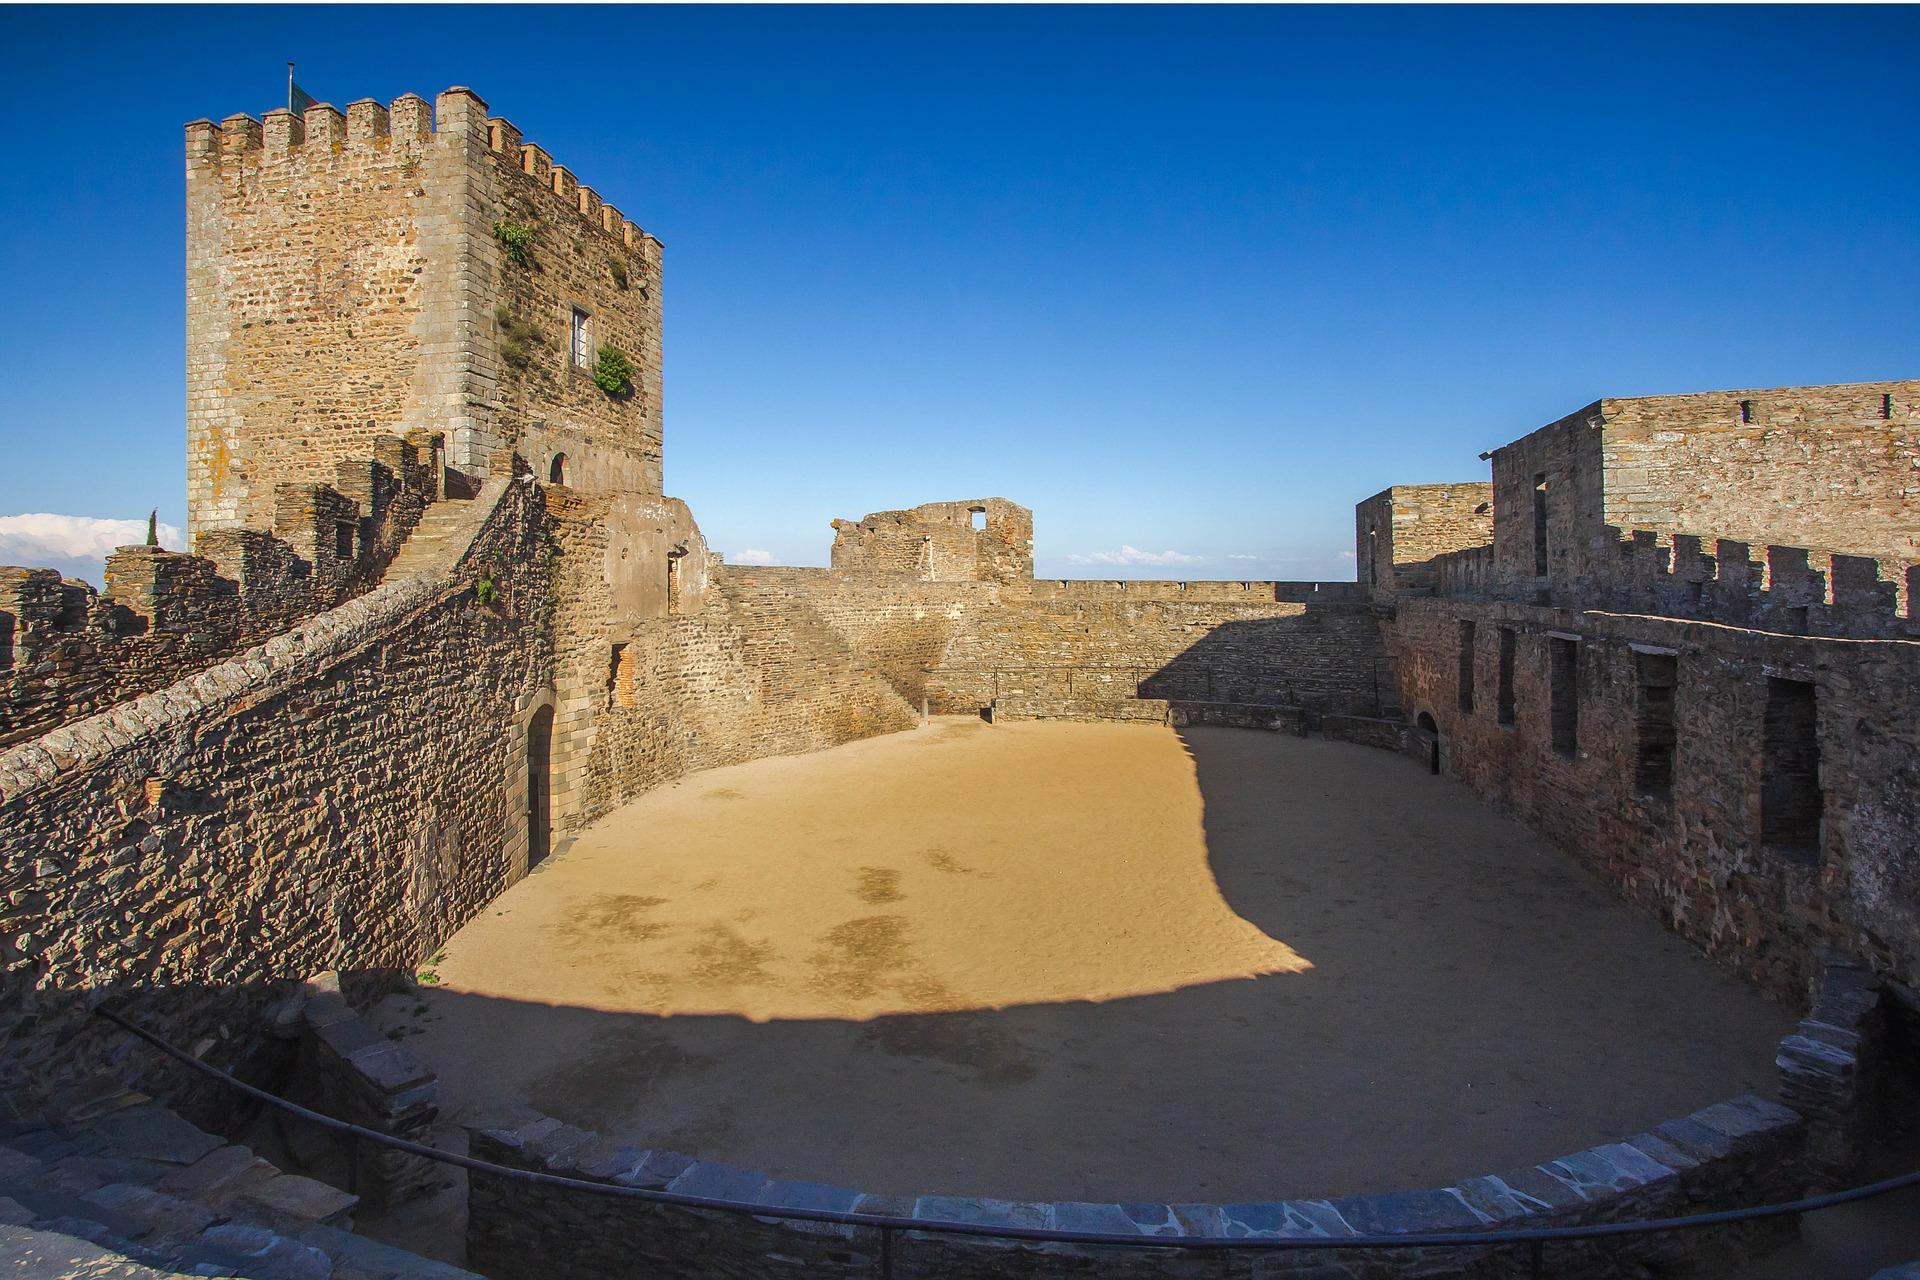 Castelo de Reguengos de Monsaraz (Foto: Divulgação)